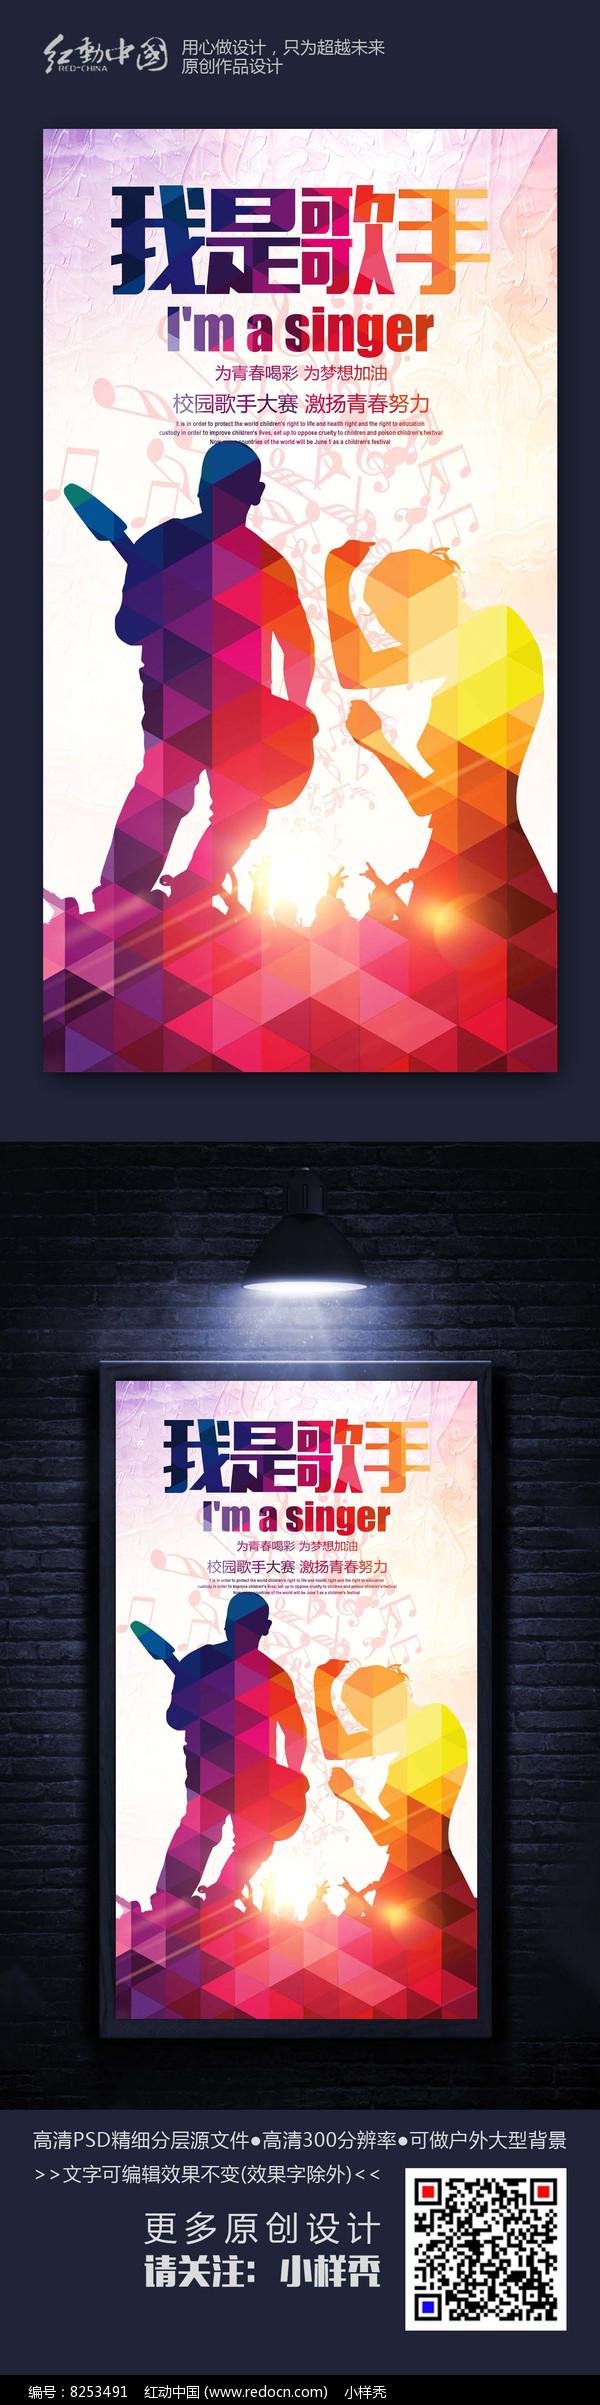 我是歌手炫彩时尚音乐海报设计图片